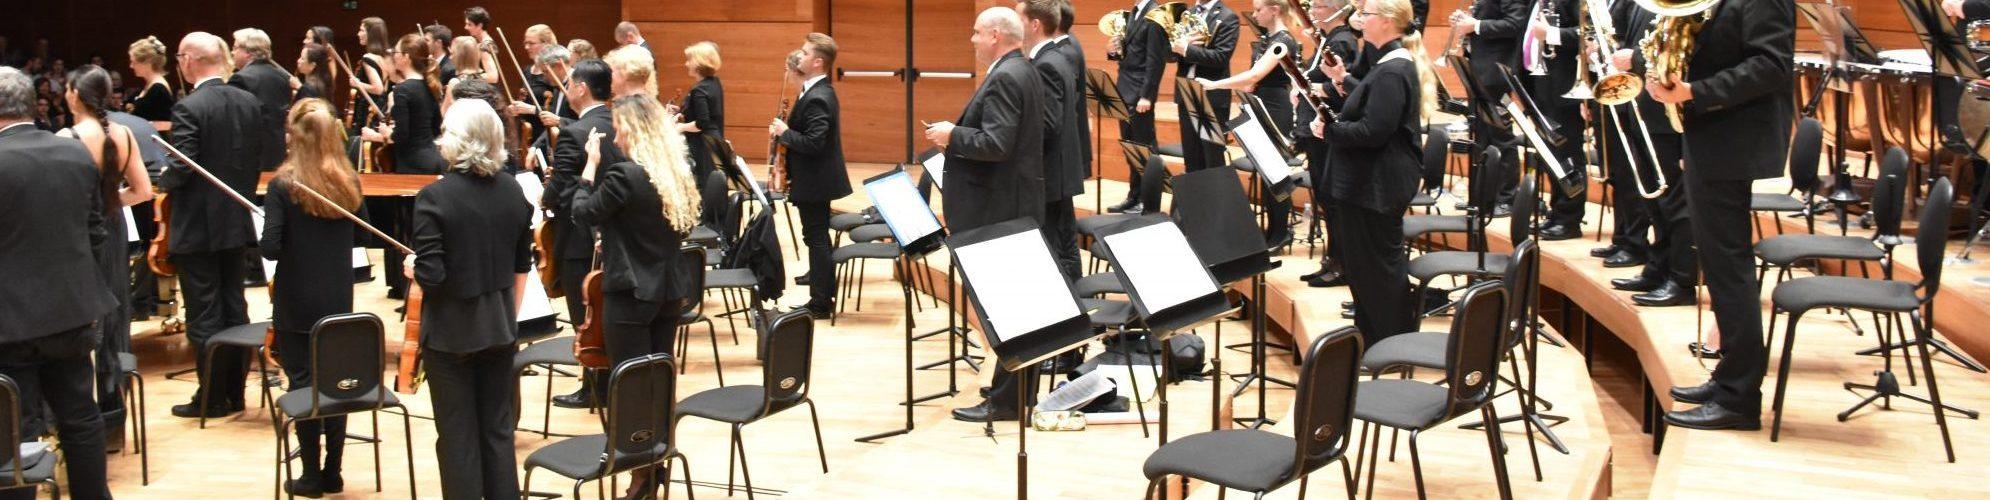 Brahms in Skopje, Deutsche Rhein-Philharmonie